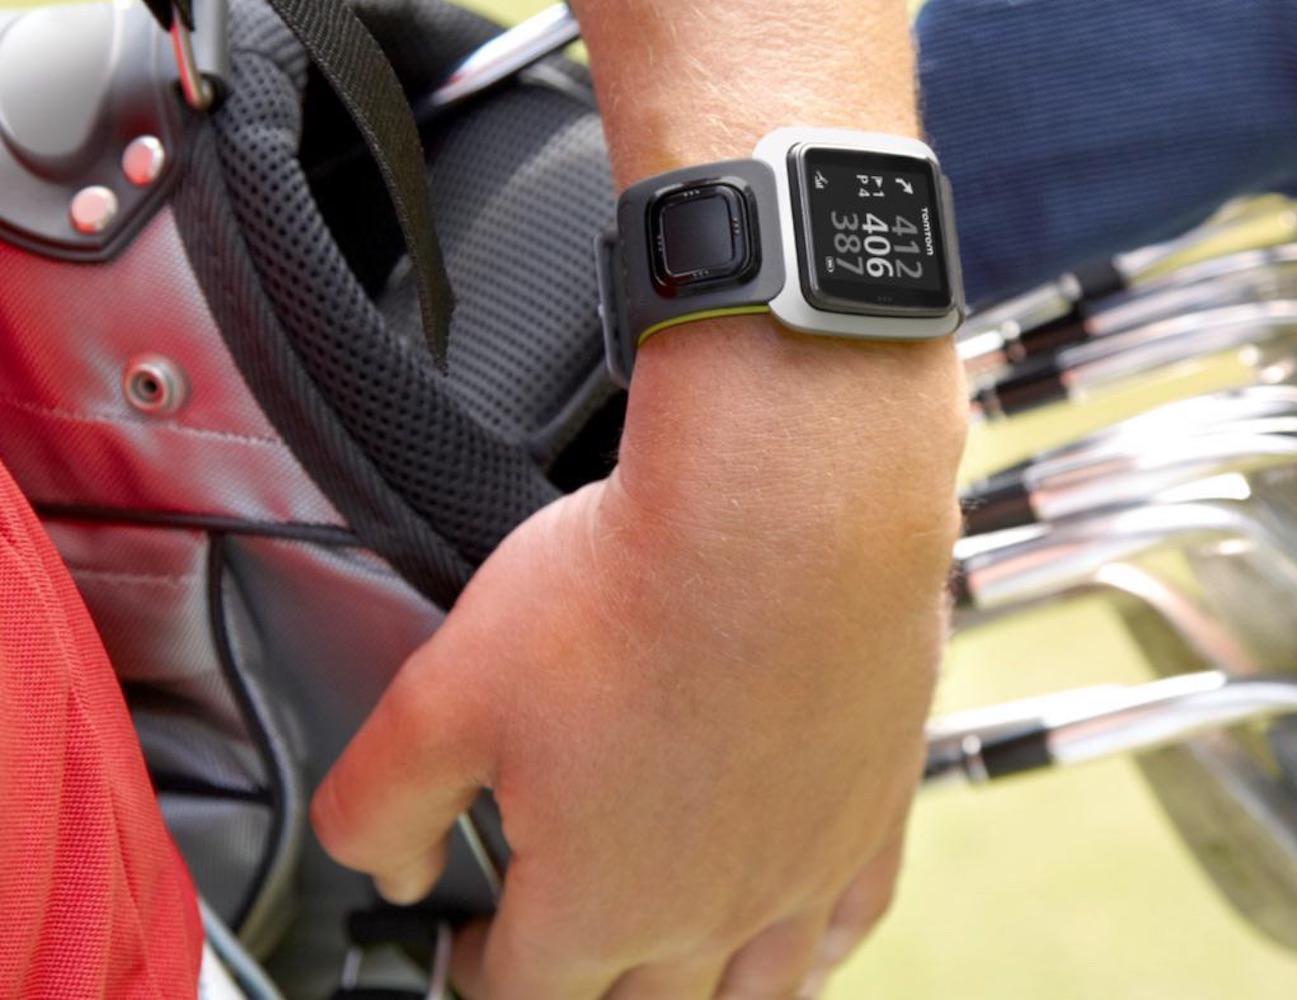 tomtom-golfer-gps-golf-device-03